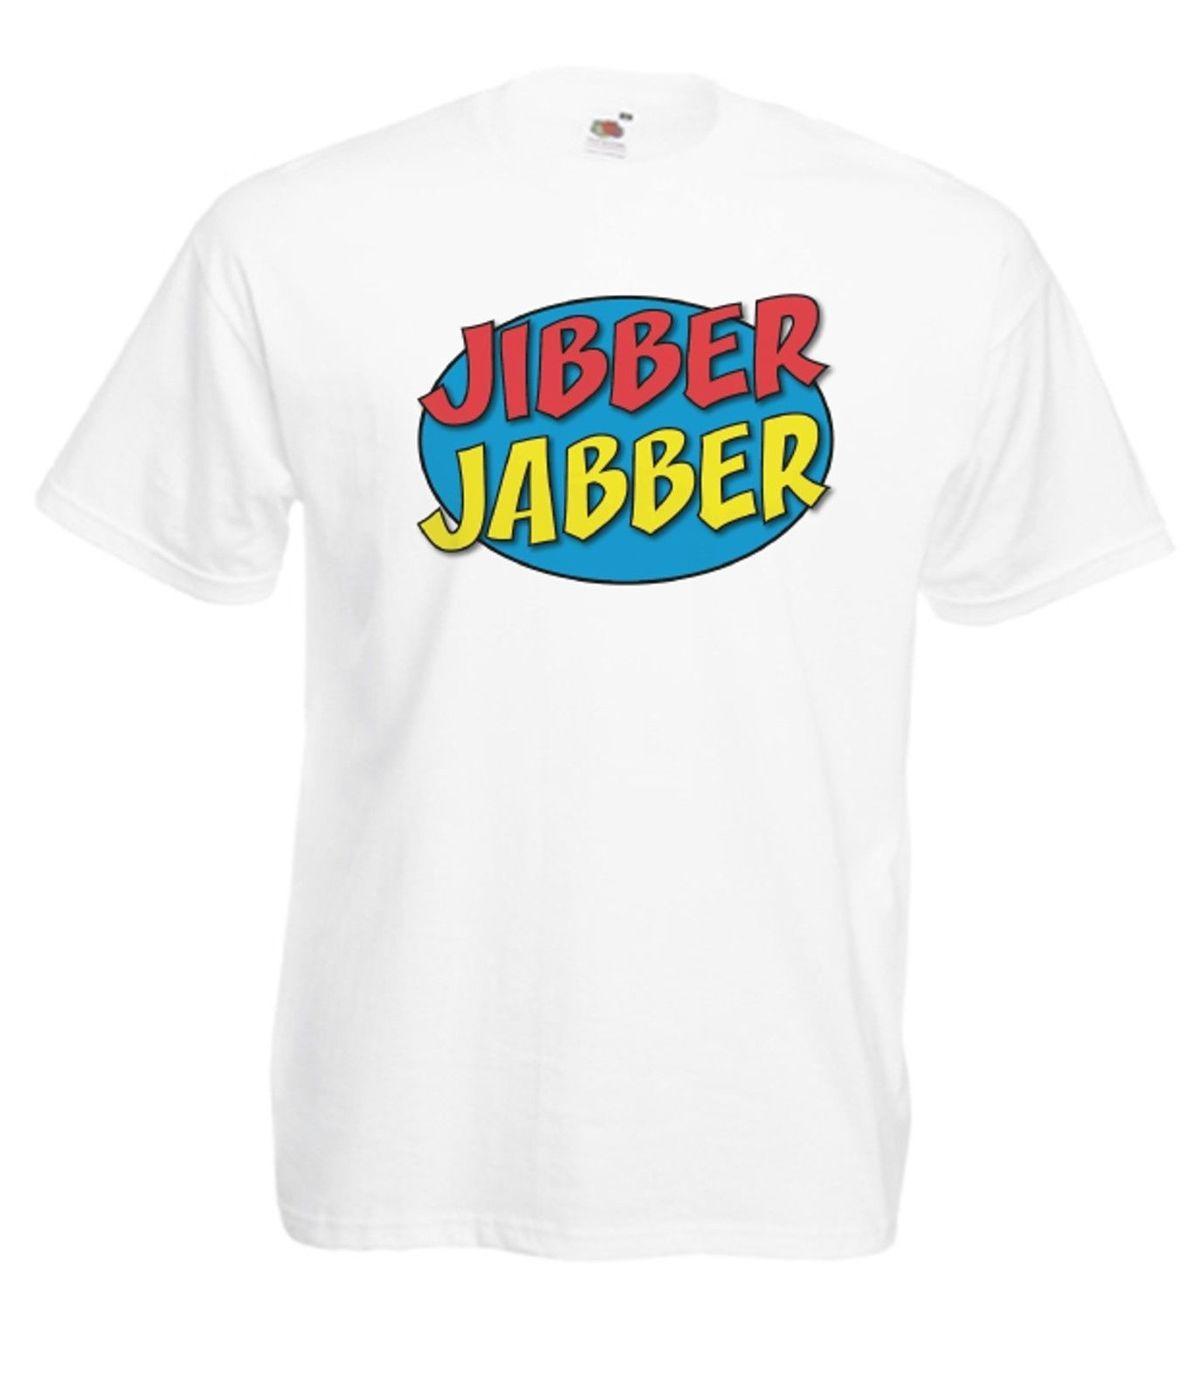 Neue Geschenkideen Weihnachten.Jibber Jabber Herr T Lustig Neue Weihnachten Geburtstag Geschenkideen Mens Womens Männer Sommer T Shirt